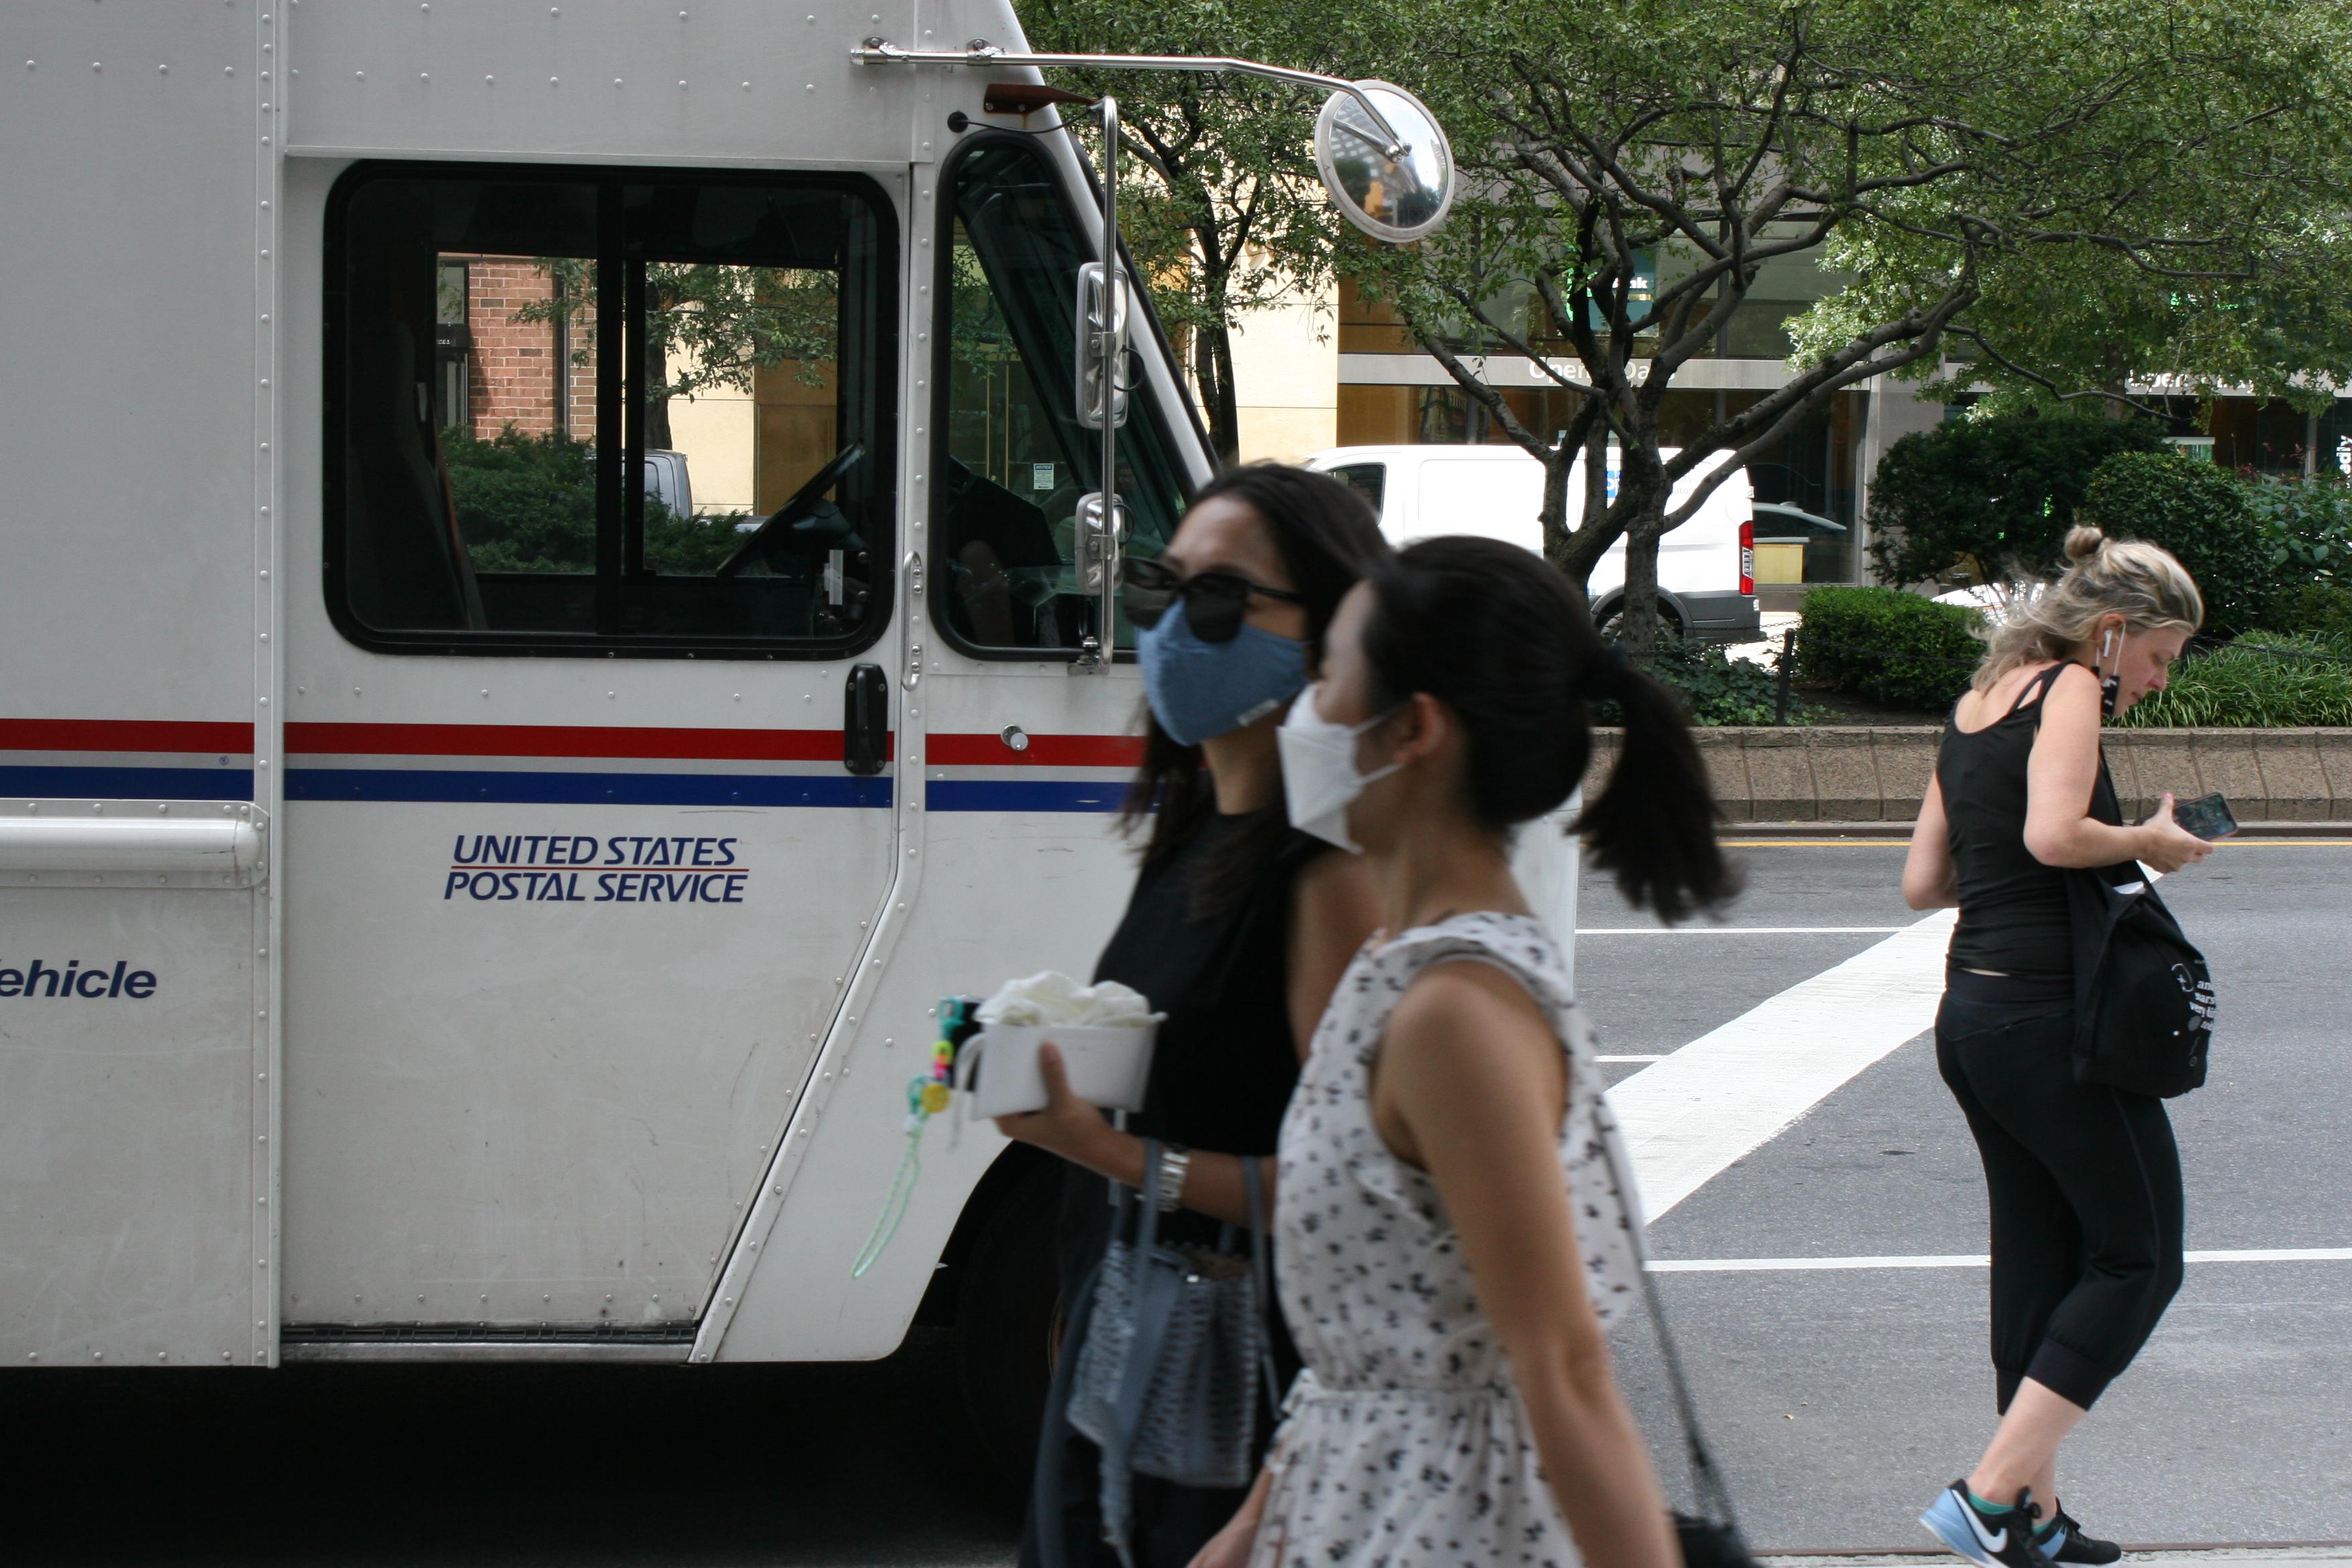 Mujer secuestró un camión USPS y causó choque múltiple en Nueva York